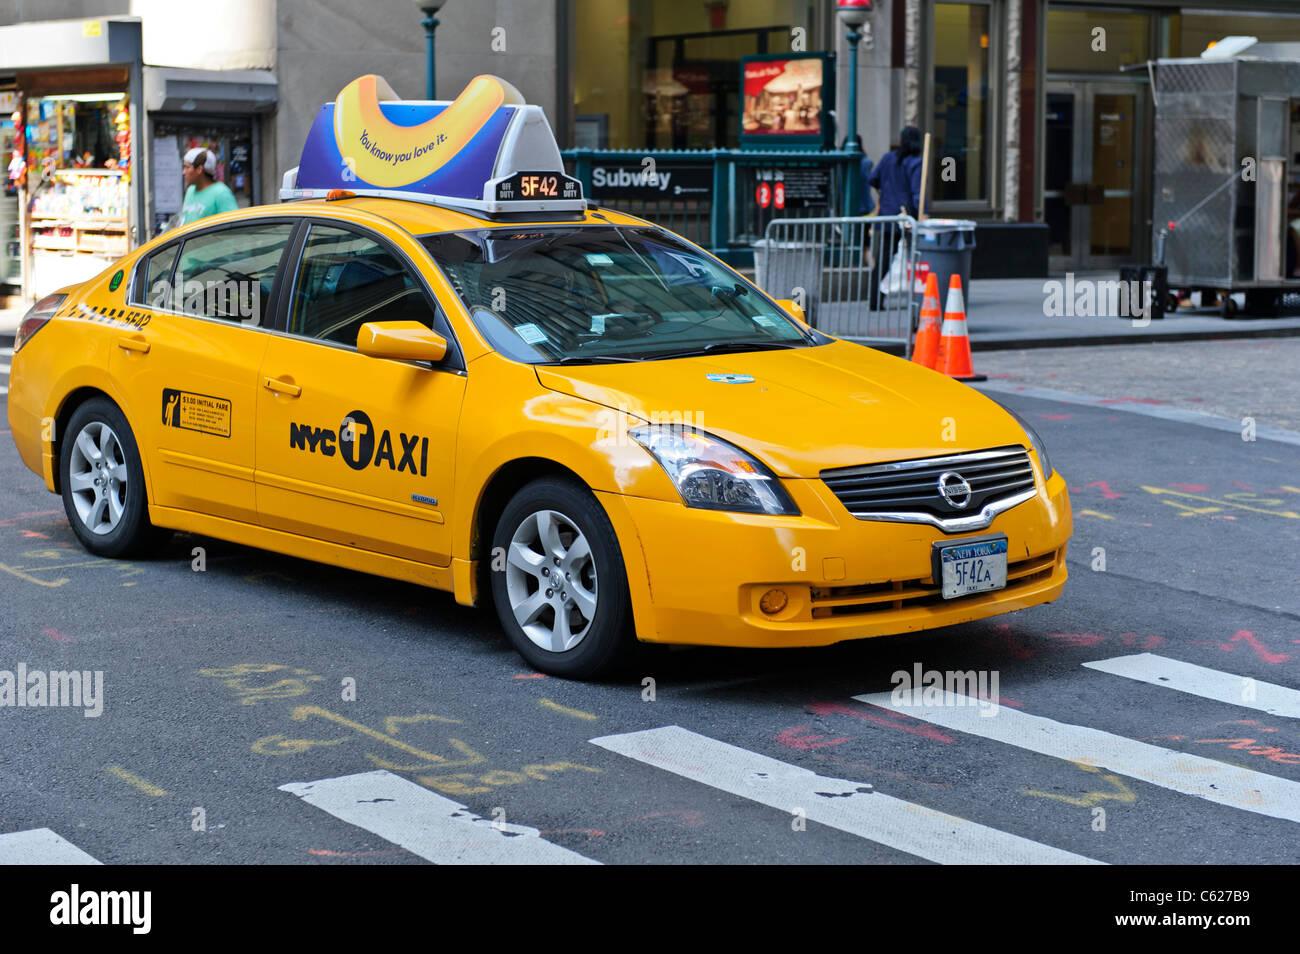 Taxi amarillo, Manhattan, Ciudad de Nueva York, Estados Unidos. Imagen De Stock